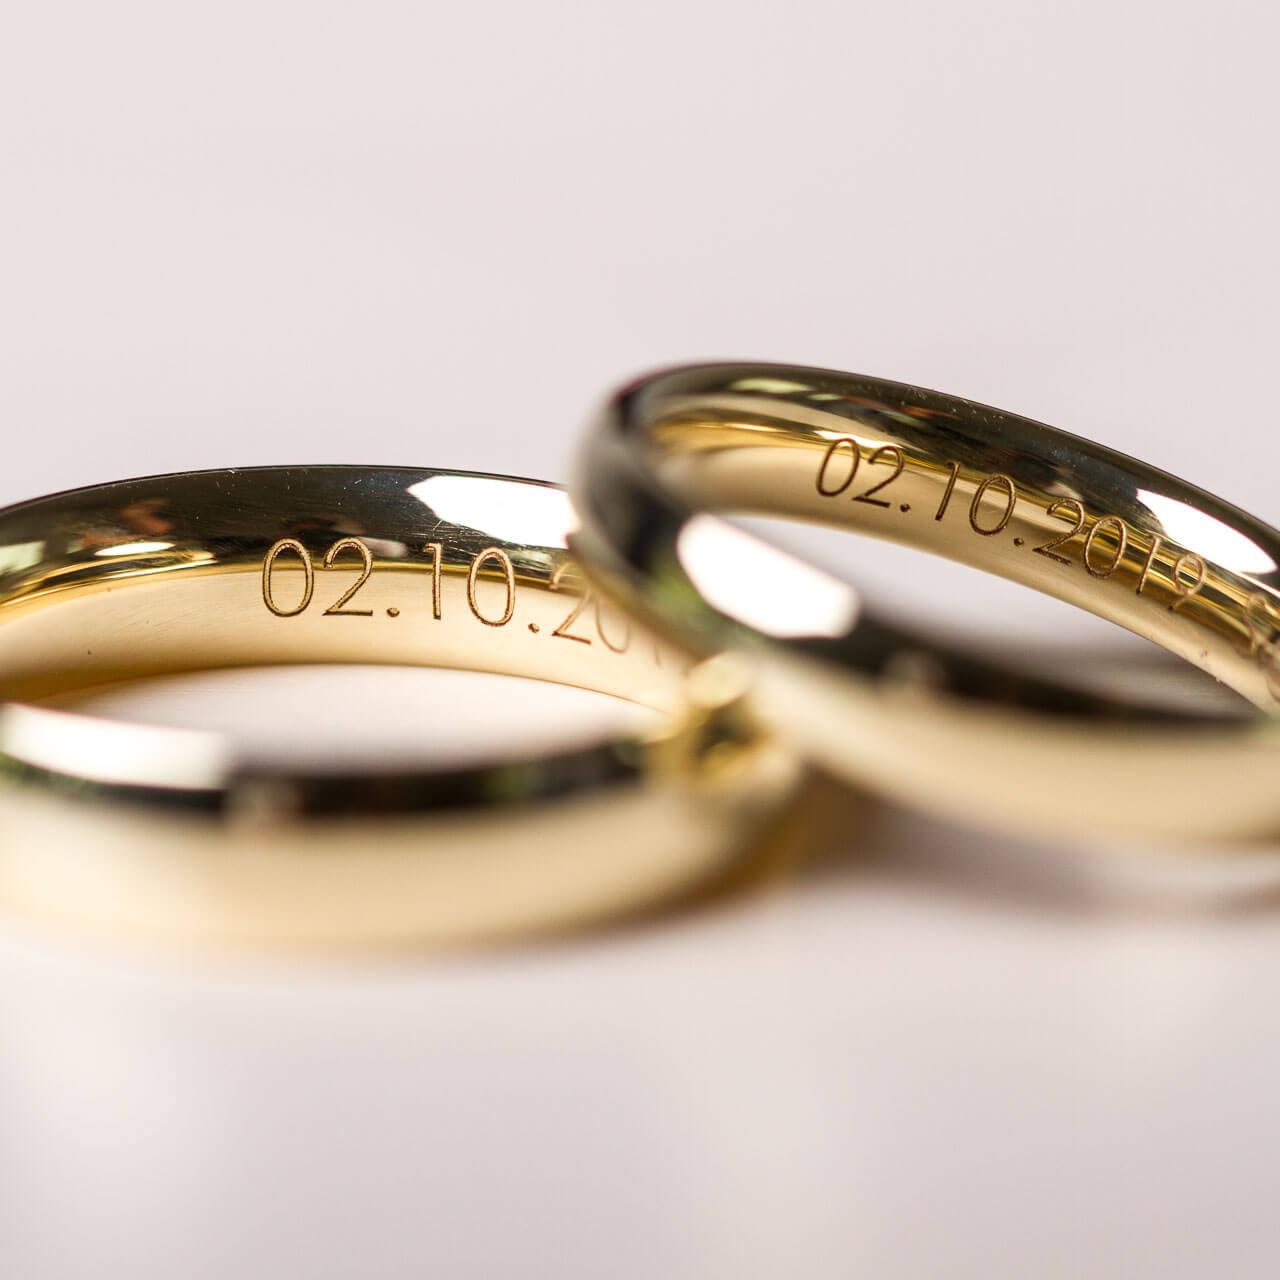 Wir gravieren sämtliche verfügbaren Schriften in Eure Ringe für die Hochzeit - schlichte Trauringe bei der Schmuckgraefin in Berlin Kreuzberg